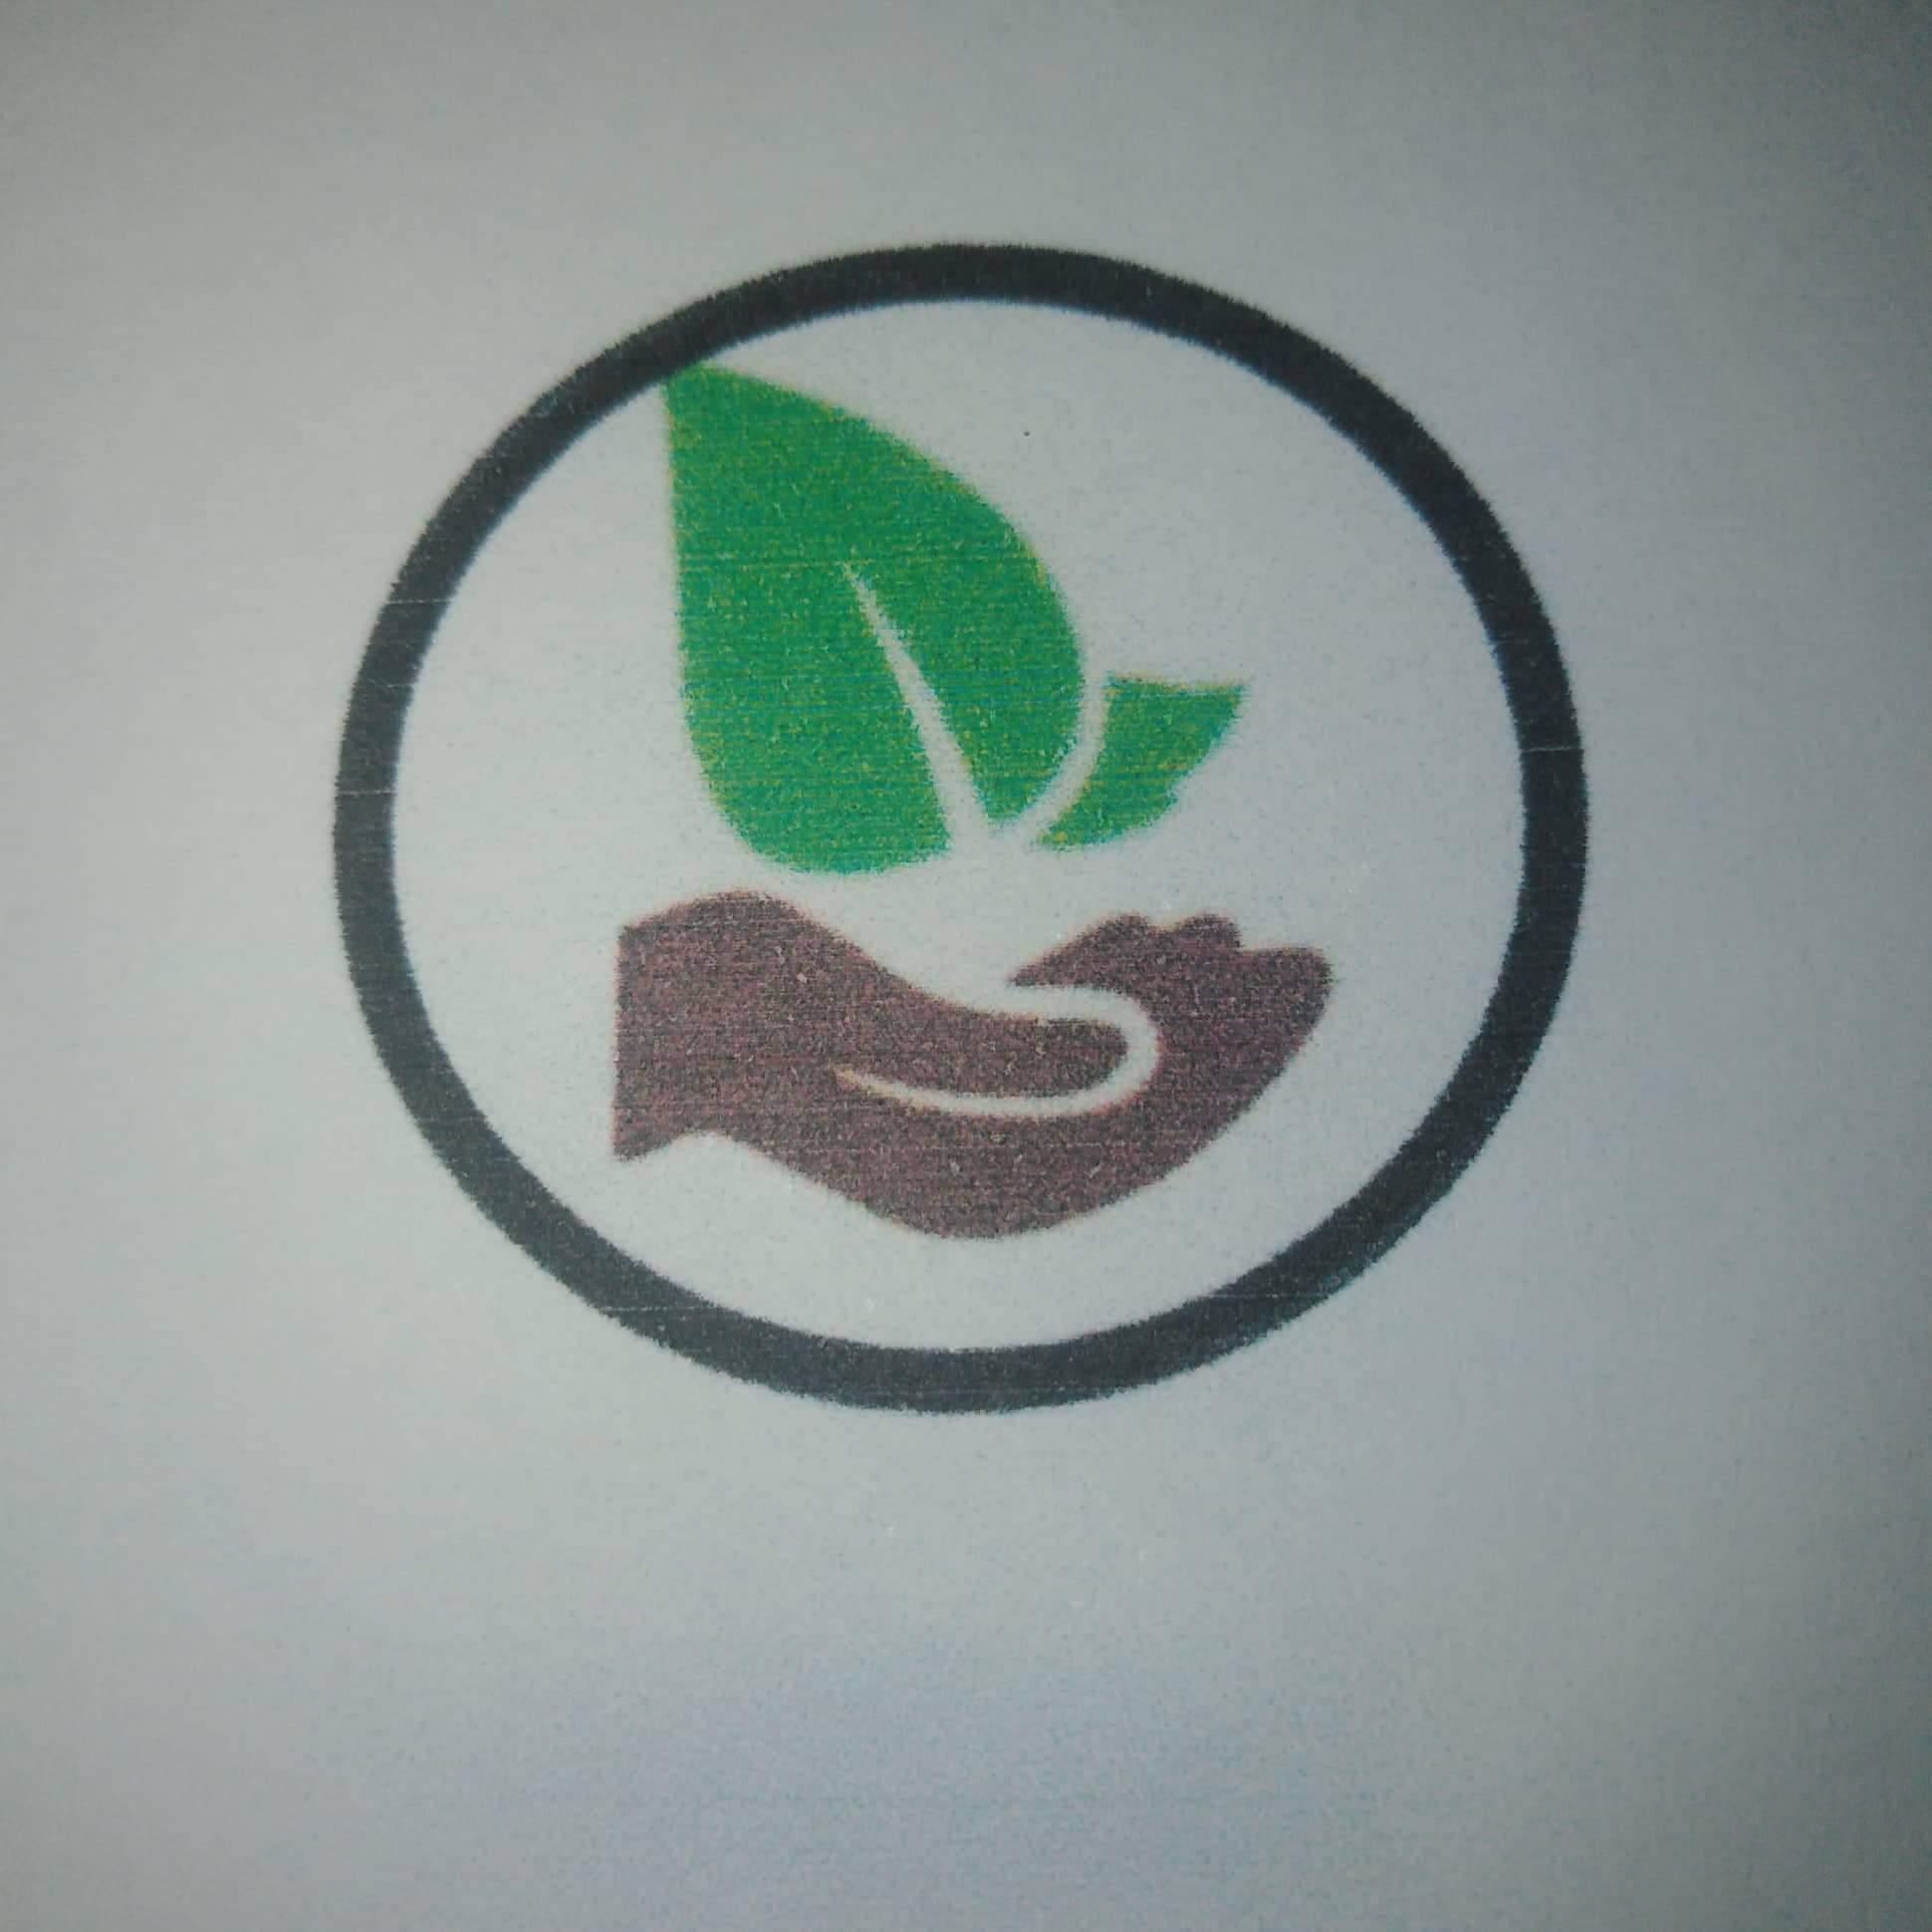 إعلام للعموم : جمعية رؤى لدفع التنمية